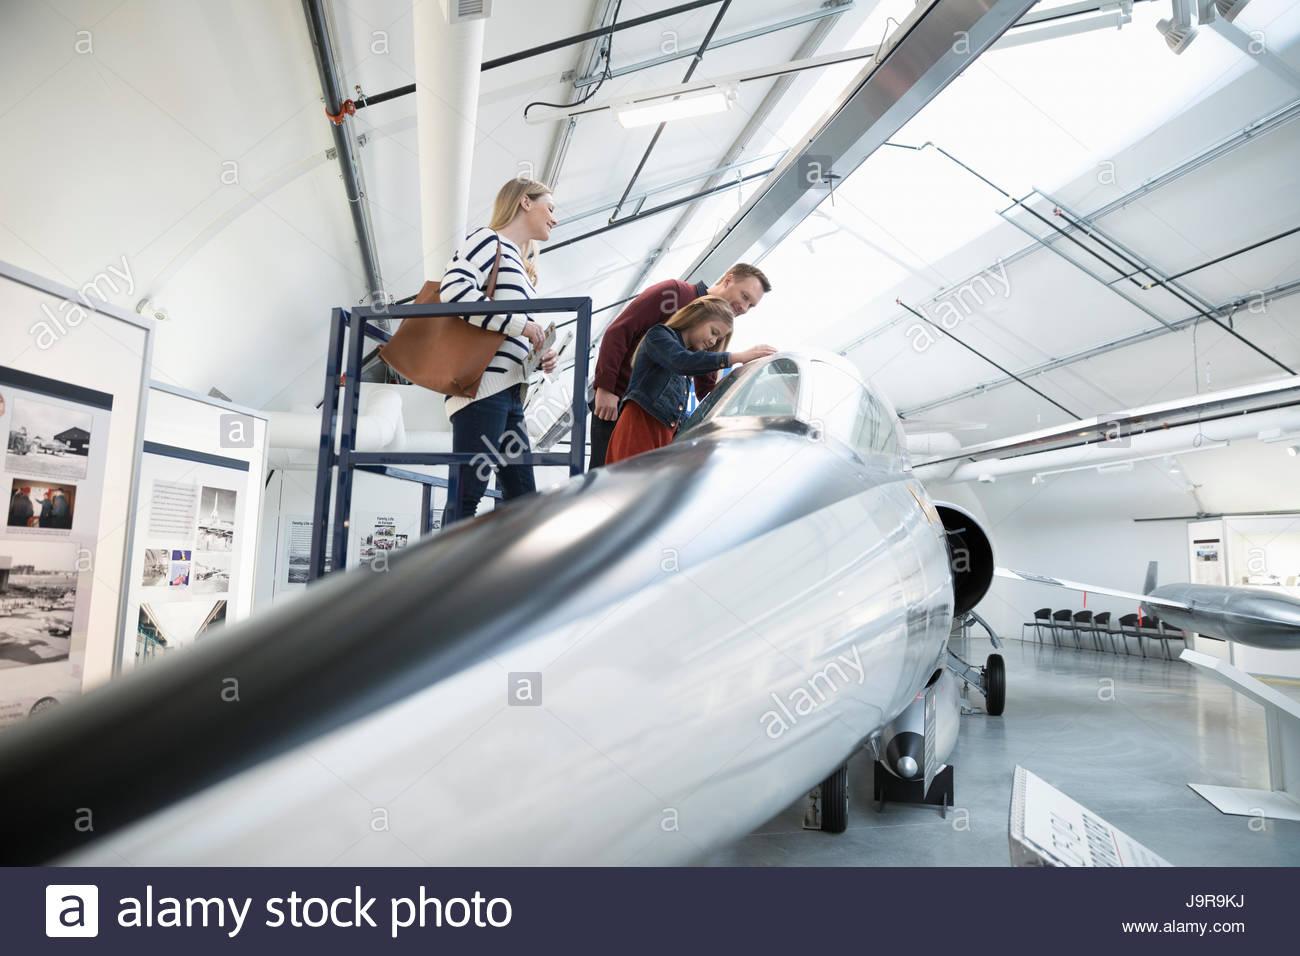 Familie sucht im Flugzeug in warmen Museum hangar Stockbild